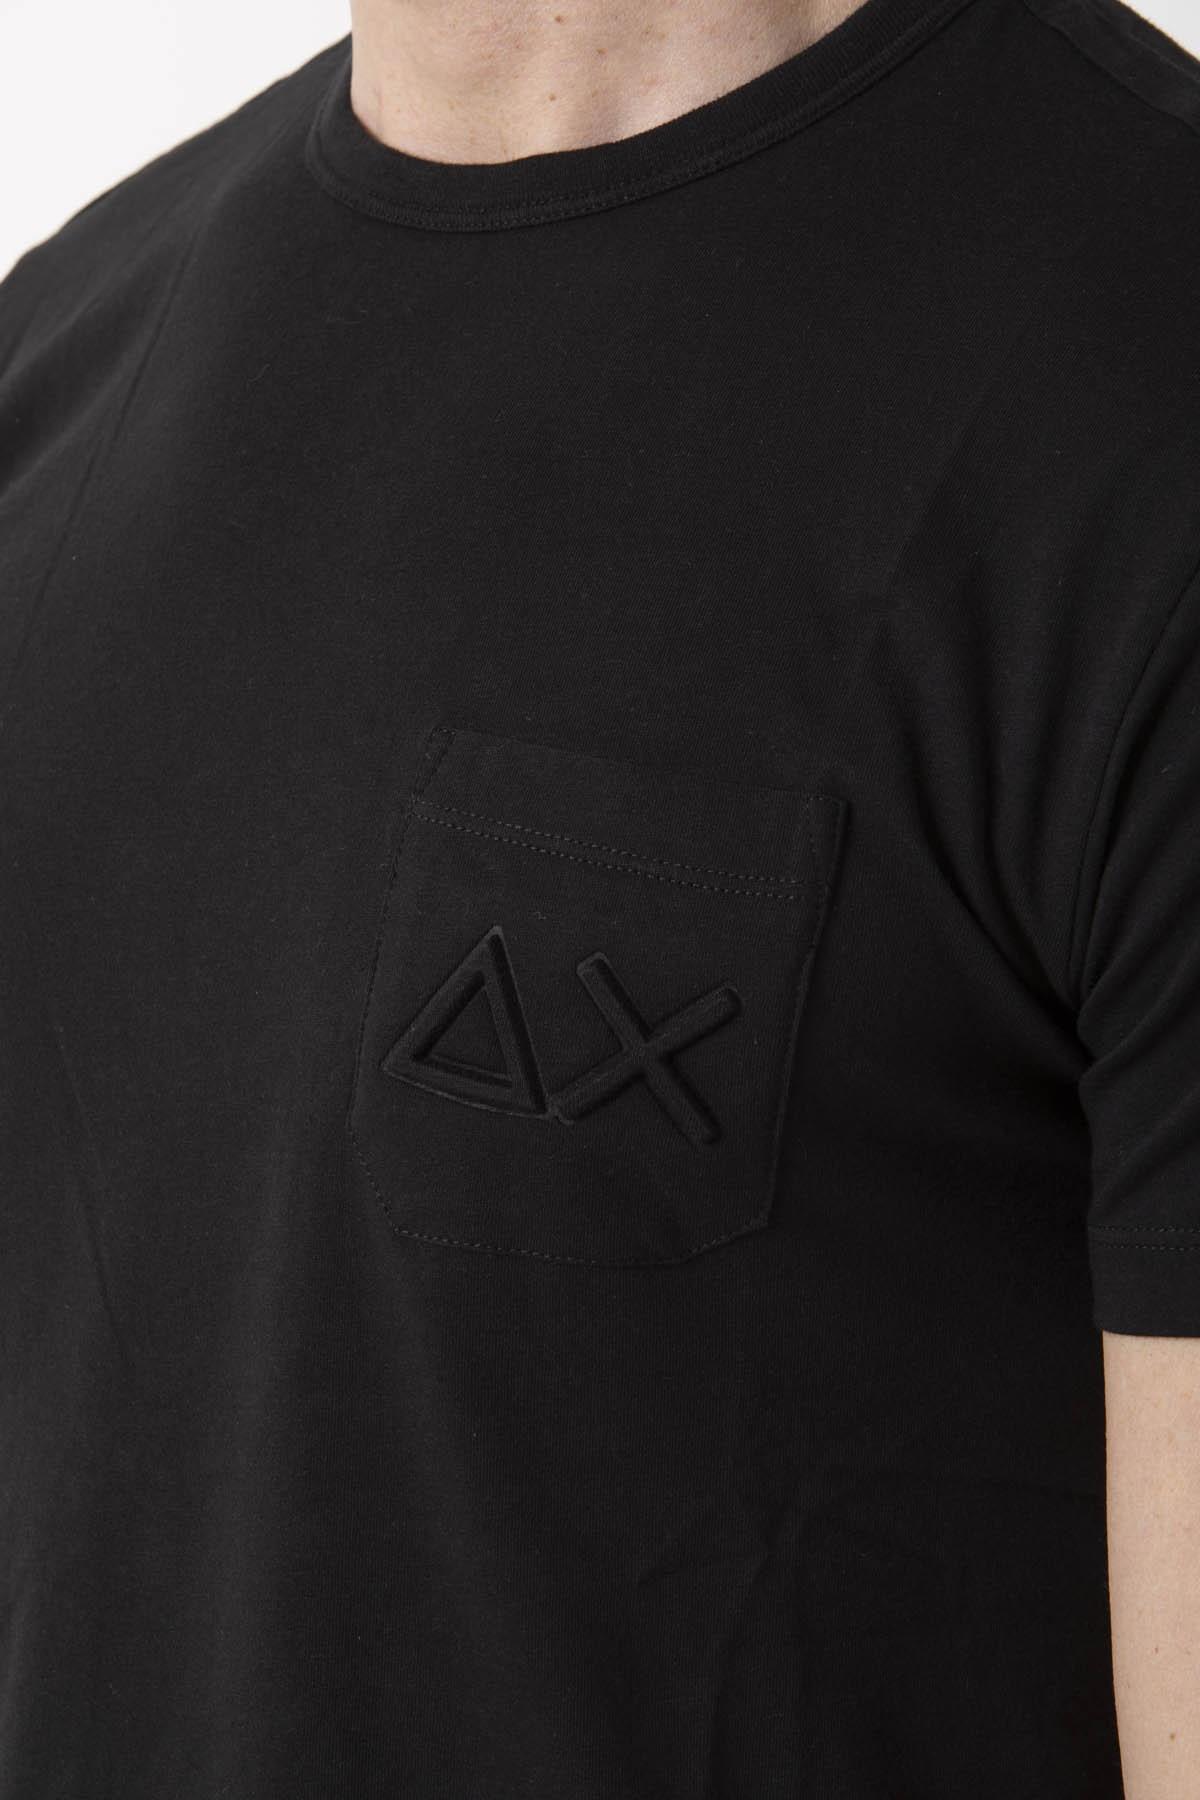 T-shirt per uomo SUN68 P/E 19